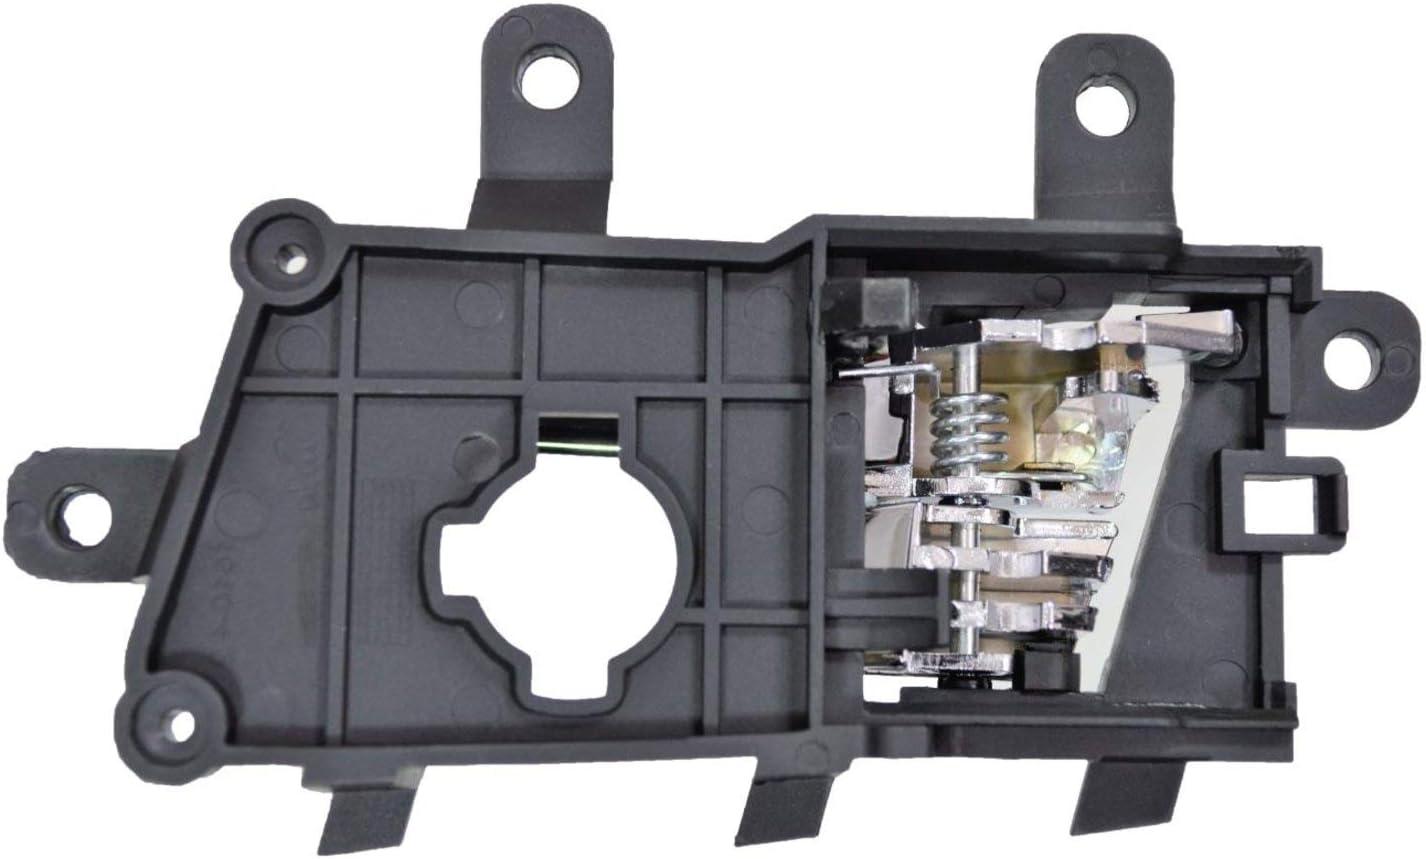 Rear Right Passenger Side Chrome Interior Inner Inside Door Handle PT Auto Warehouse KI-2206M-RR